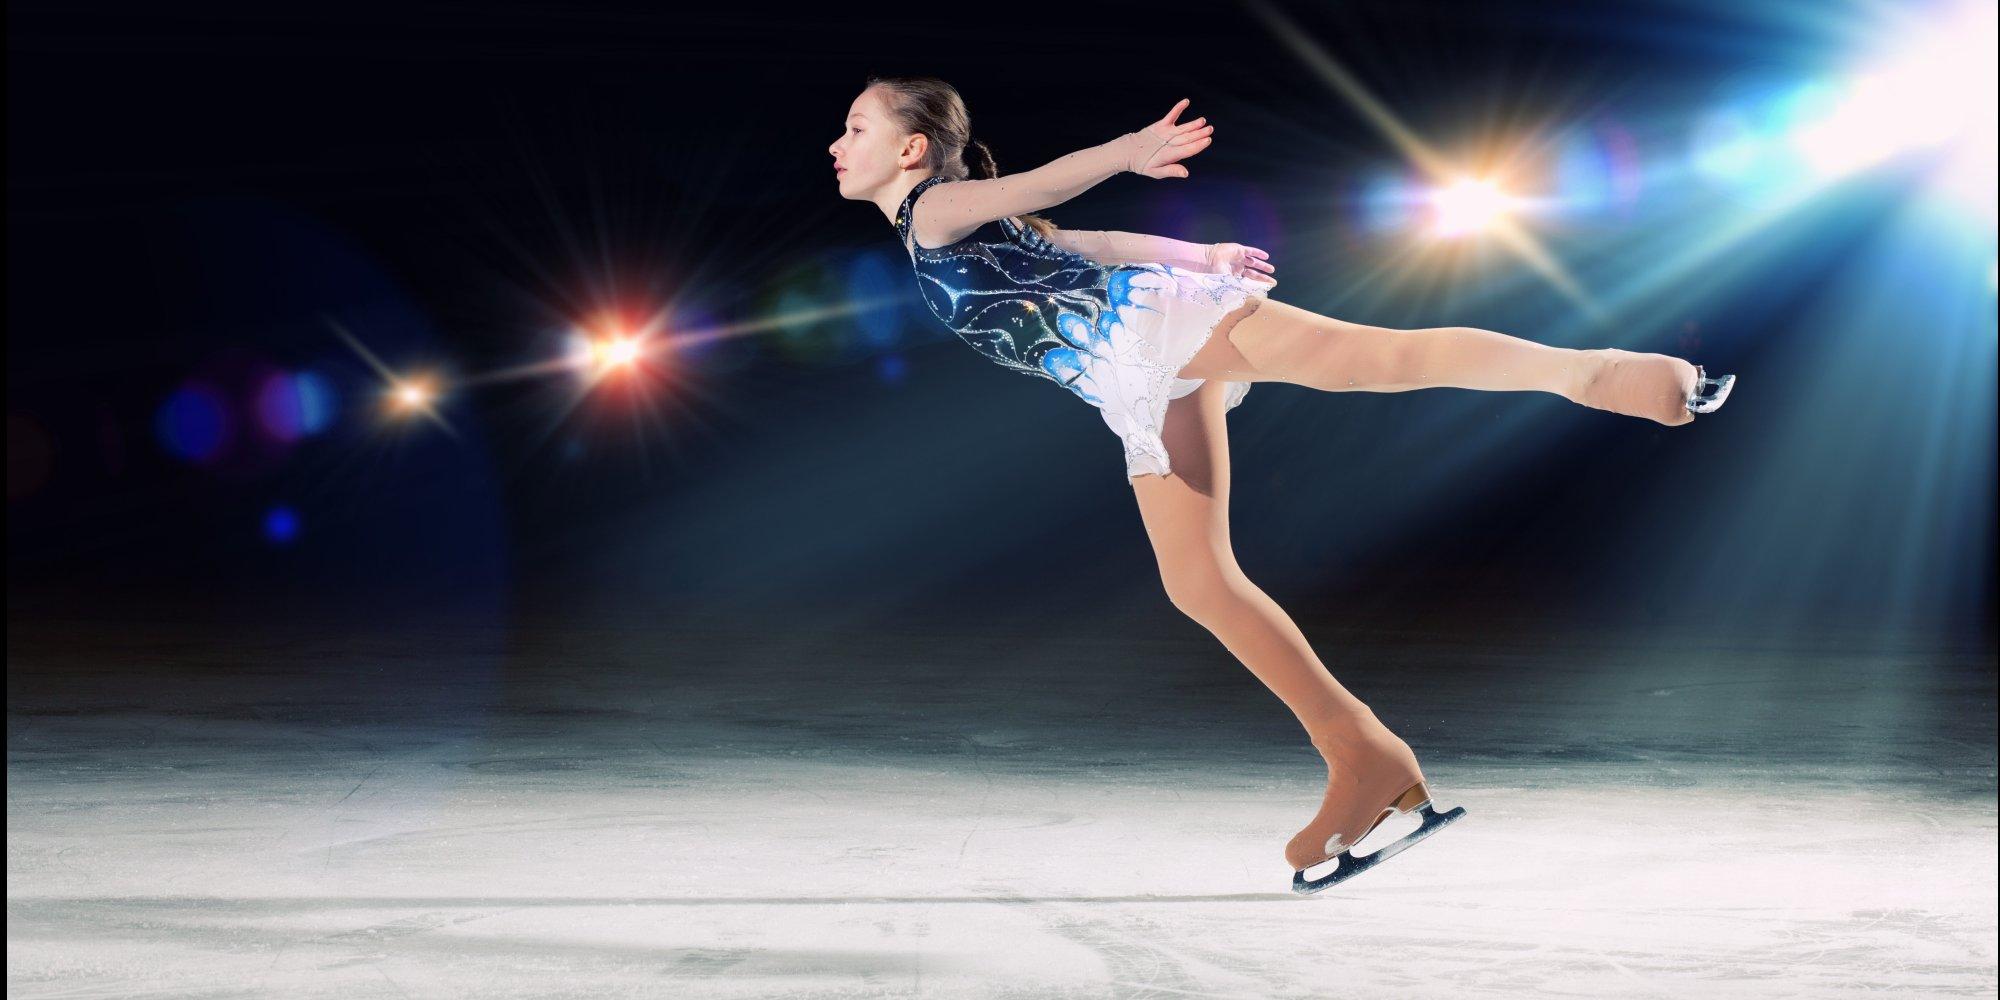 megjunaroden-natprevar-vo-umetnichko-lizganje-skopje-on-ice-2018